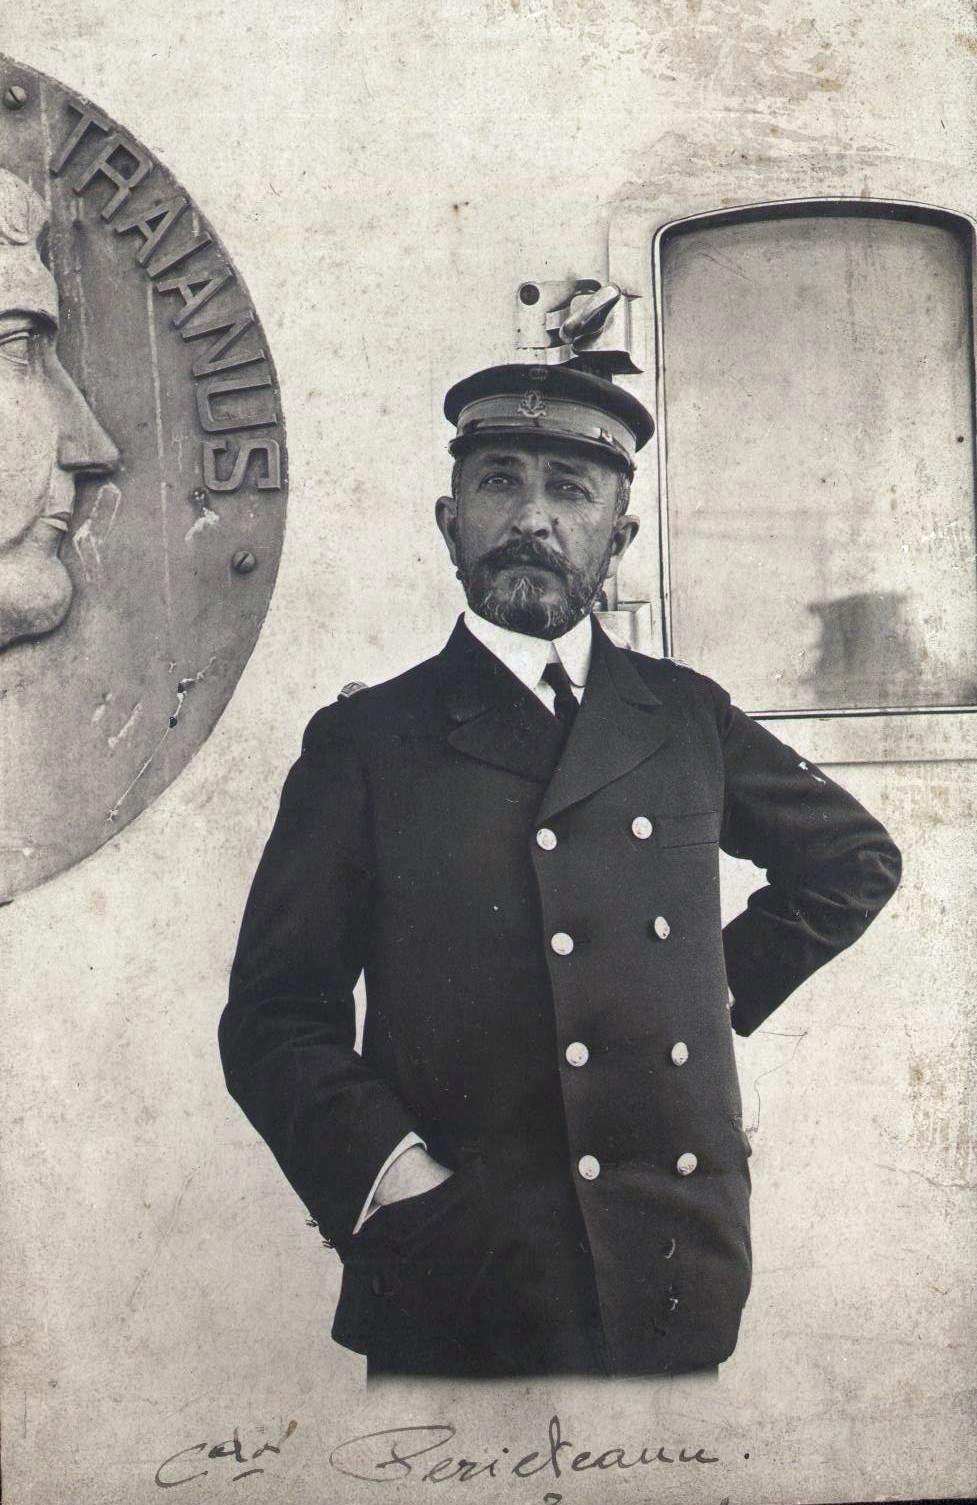 """Comandorul Constantin Periețeanu, comandantul navei """"Imperatul Traian"""", """"a fost pensionat, de astă dată definitiv, ducând cu sine povara unei neşanse şi amărăciunea singurului său eşec tocmai la capătul unei strălucite cariere""""."""